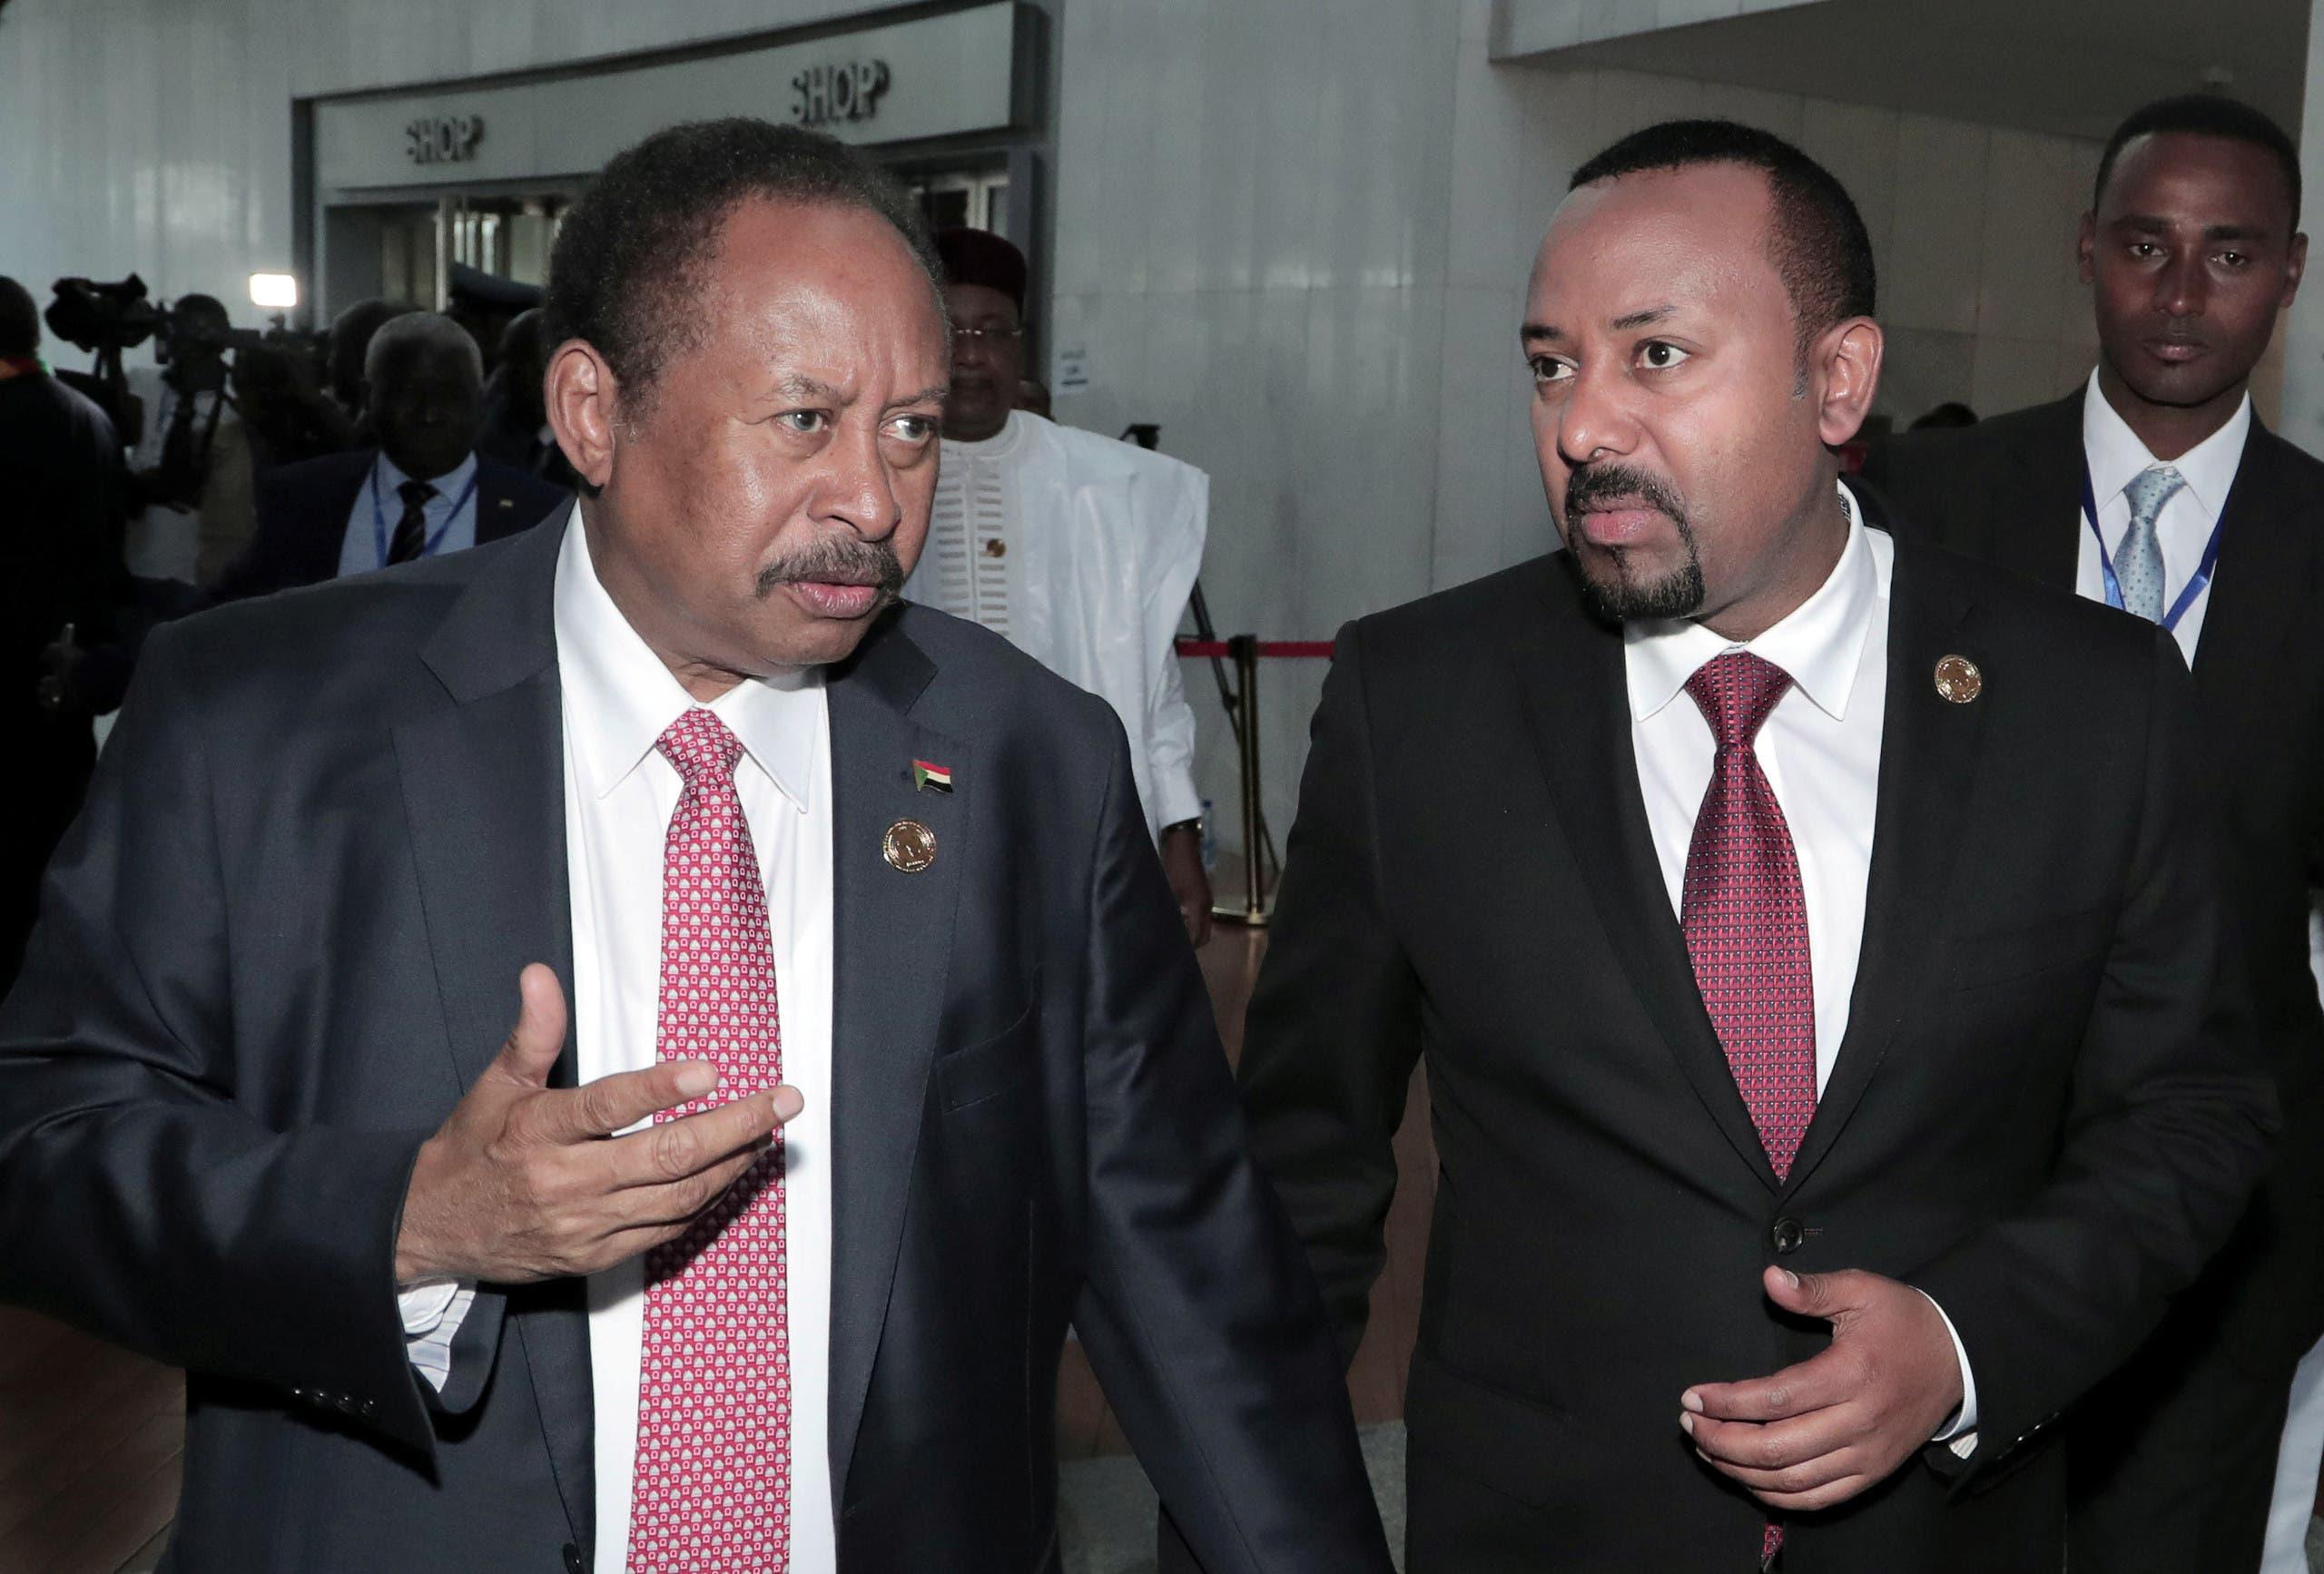 لقاء سابق بين آبي أحمد ورئيس الحكومة السوداني عبدالله حمدوك في أديس أبابا في فبراير الماضي